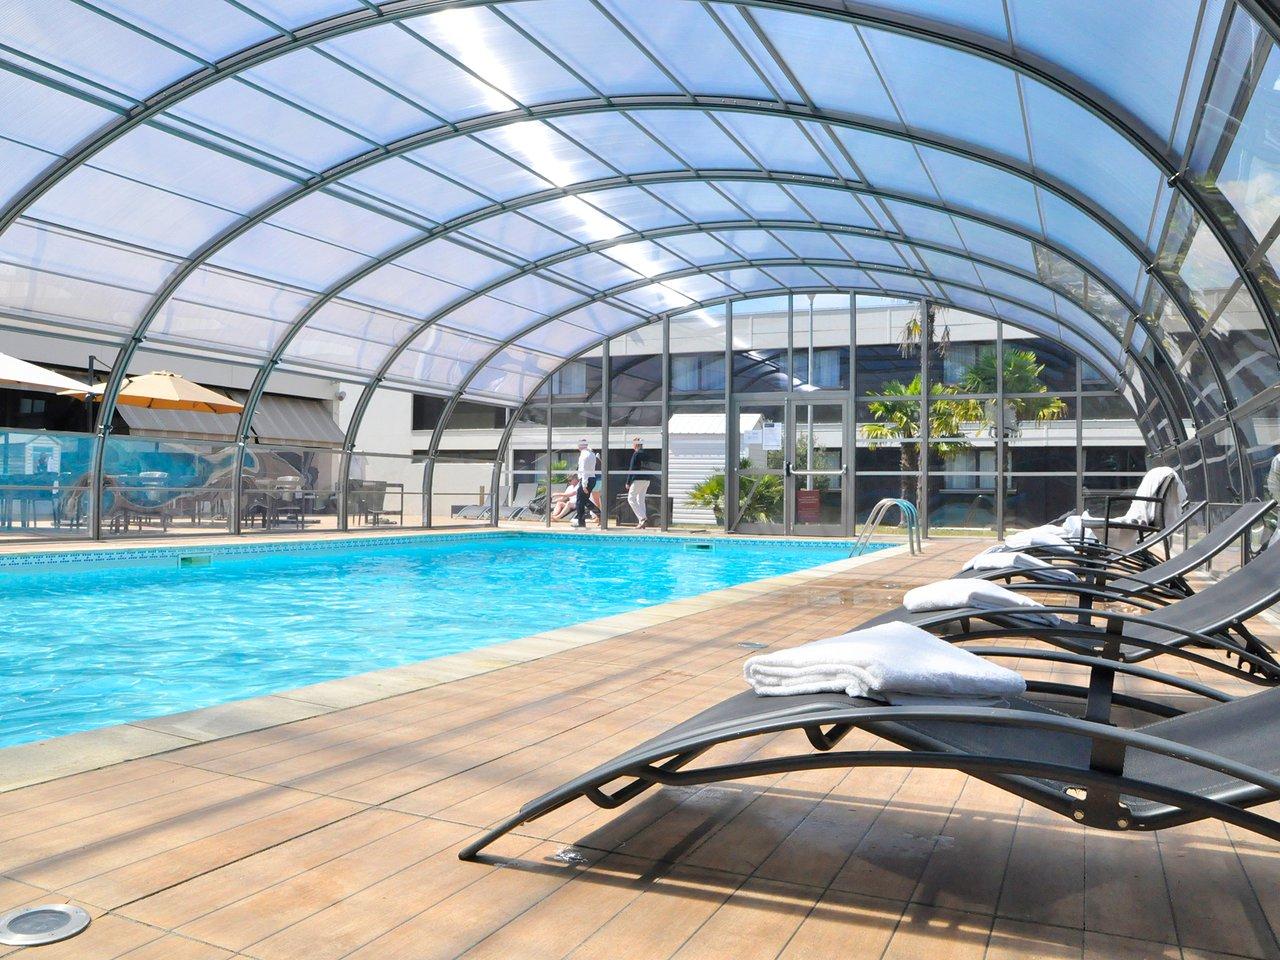 Novotel Nantes Carquefou Pool Pictures & Reviews - Tripadvisor avec Piscine Carquefou